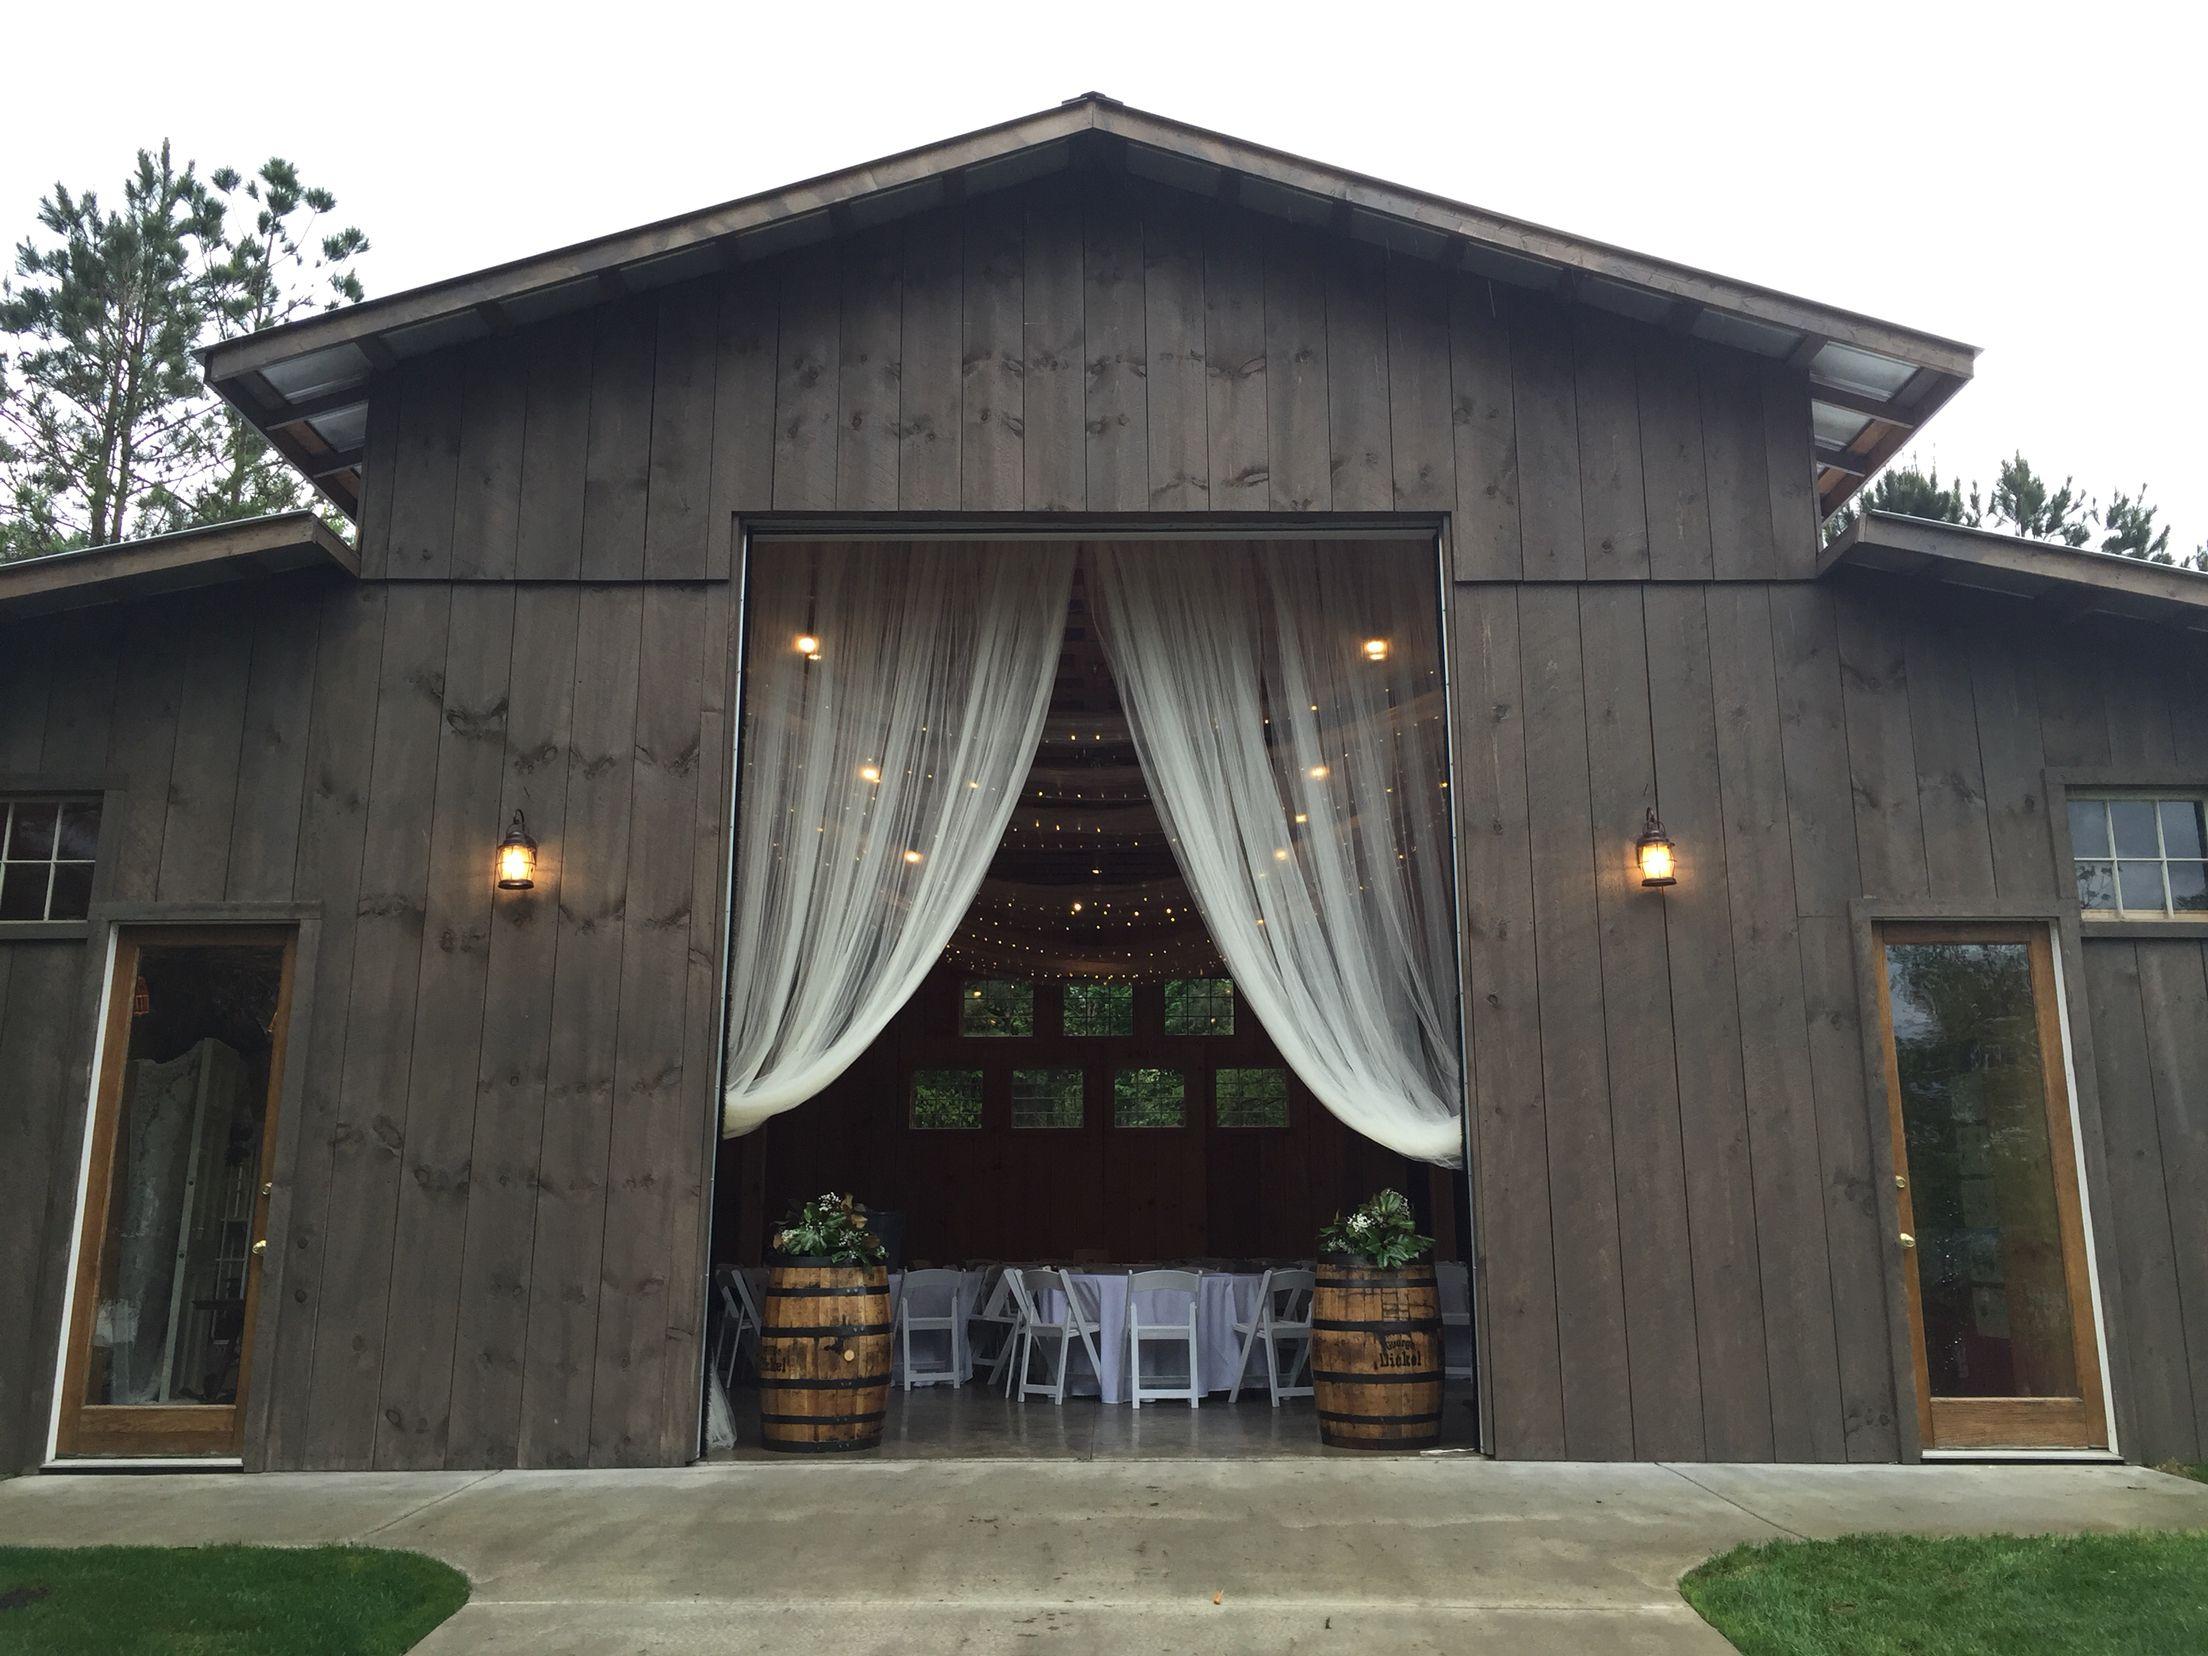 The Coffey Barn Cleveland Tn Weddingswedding Venues25th